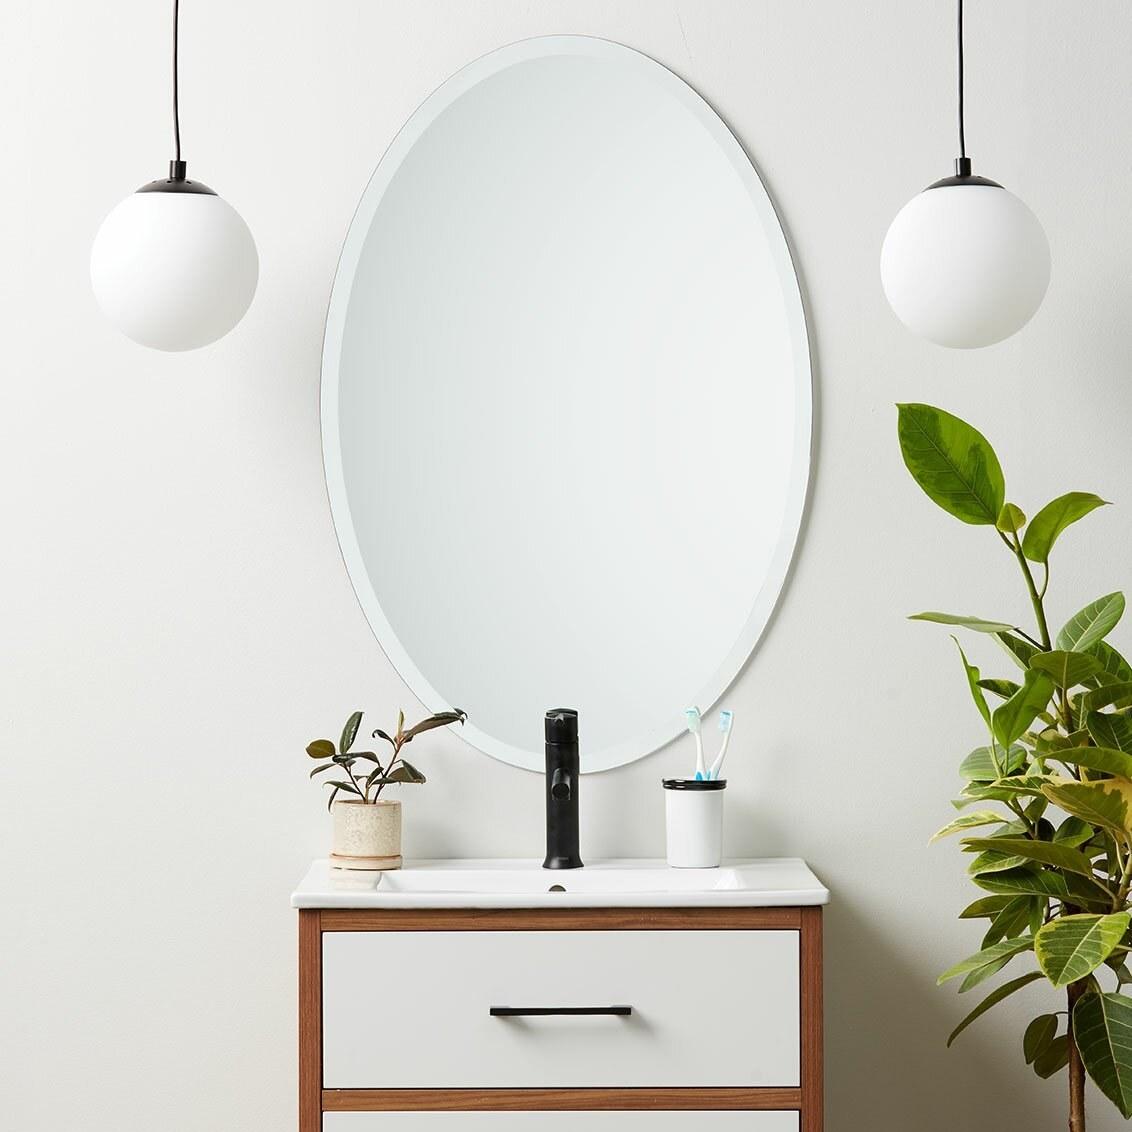 Bathroom mirror hanging over vanity